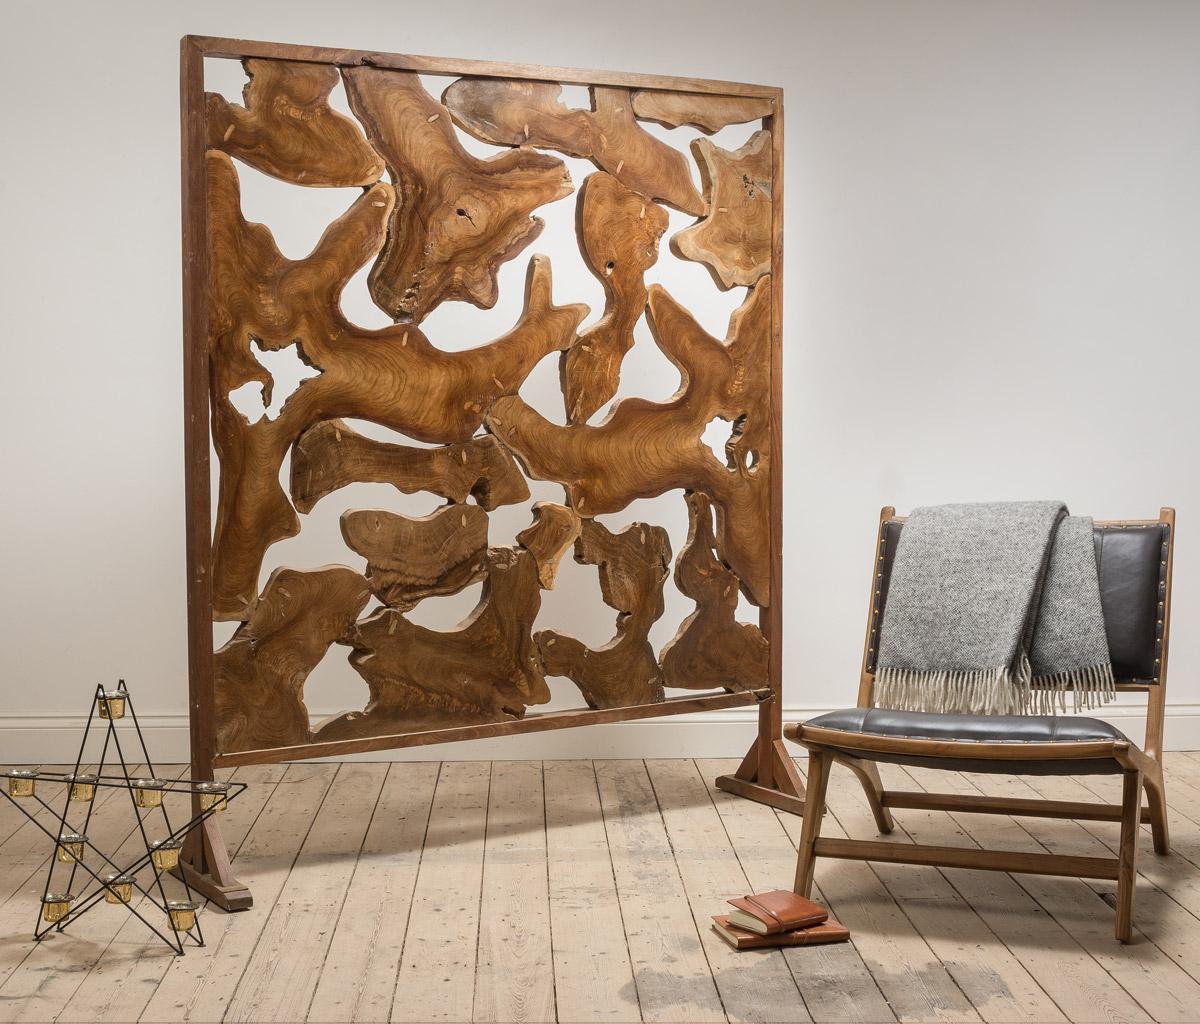 12puji_teak-carved-room-divider.jpg